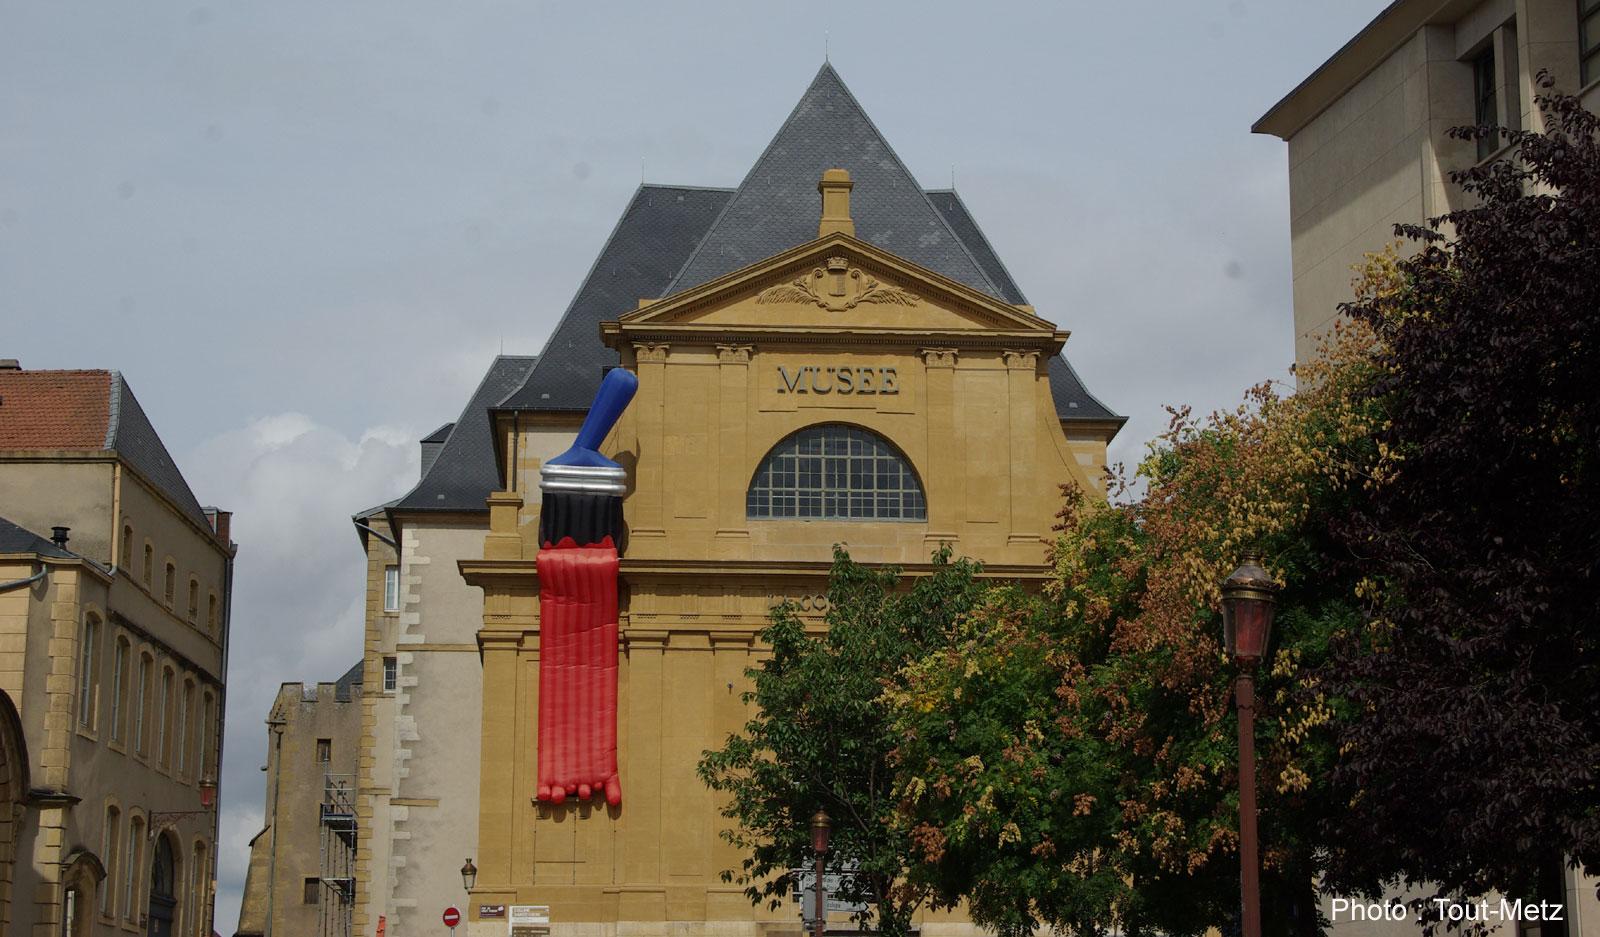 Vacances de février à Metz : le programme des 4/12 ans au musée de La Cour d'Or